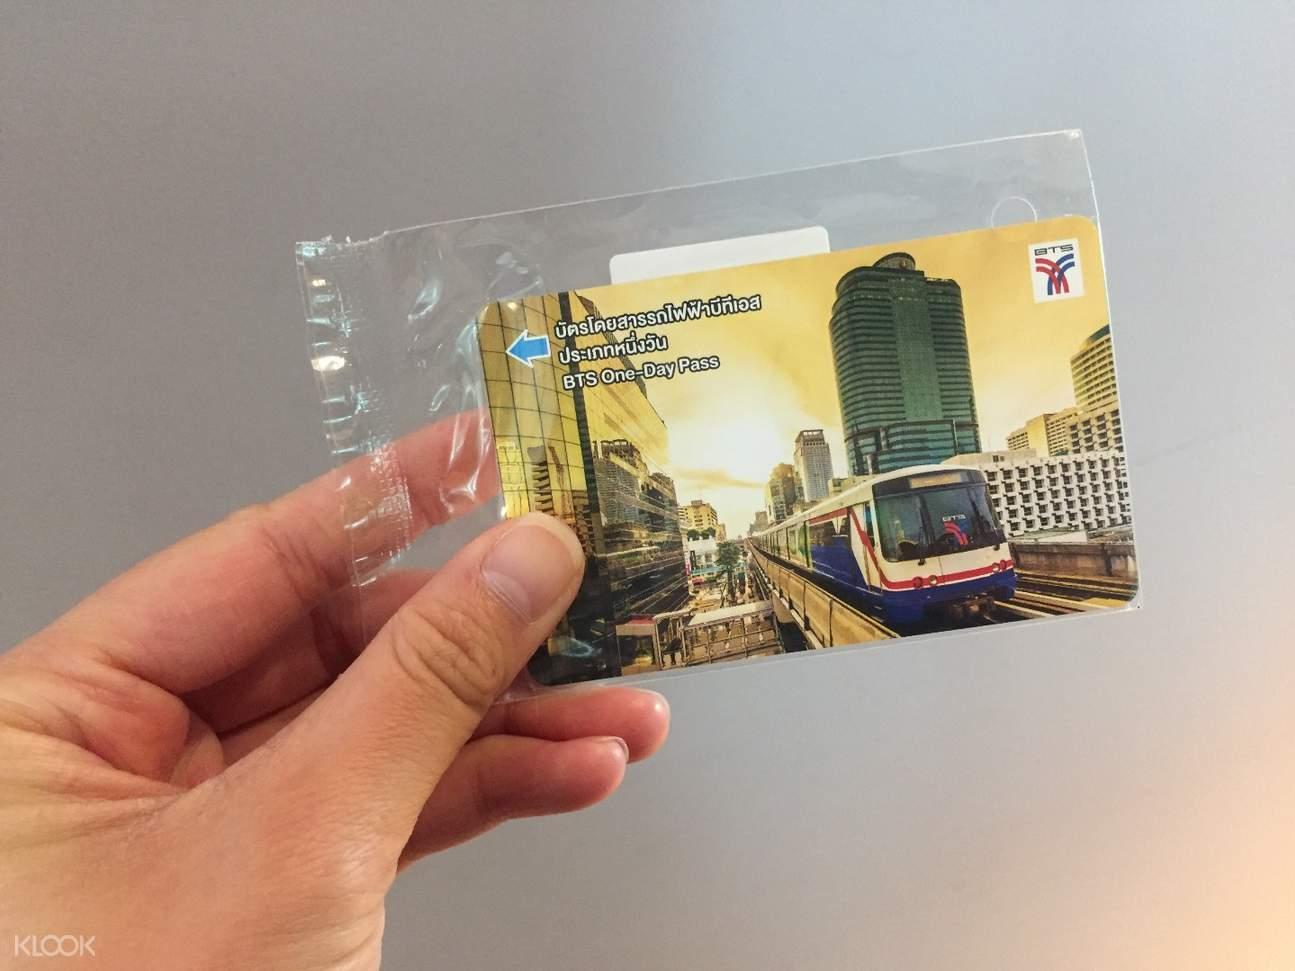 拥有泰国曼谷捷运(BTS)车票,畅行无阻